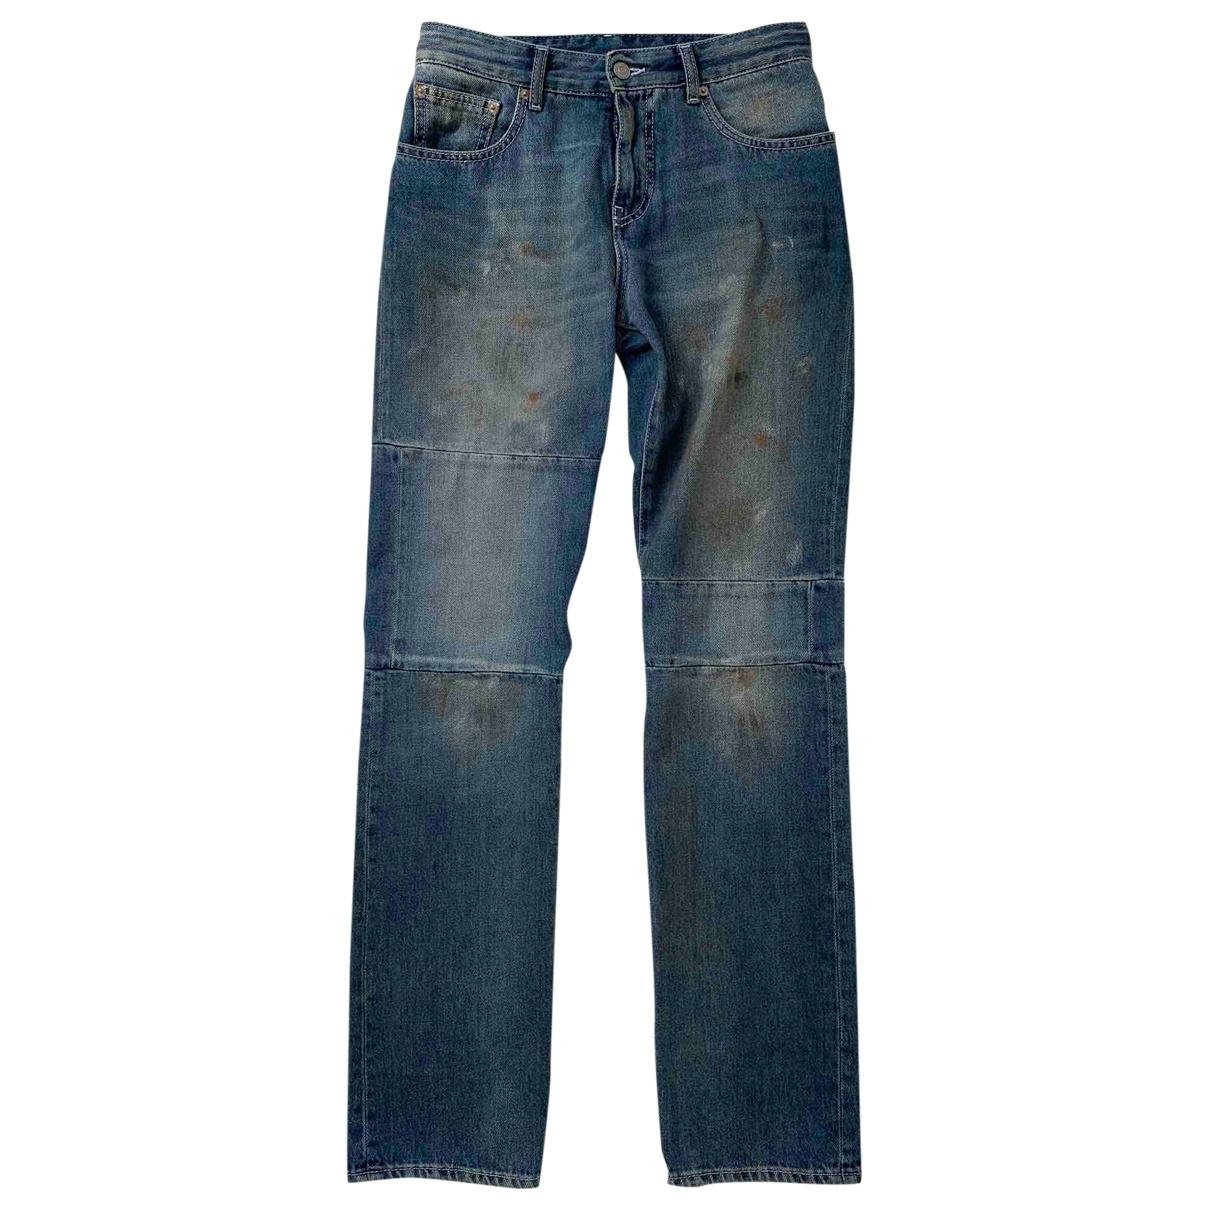 Maison Martin Margiela \N Blue Denim - Jeans Jeans for Women 38 FR